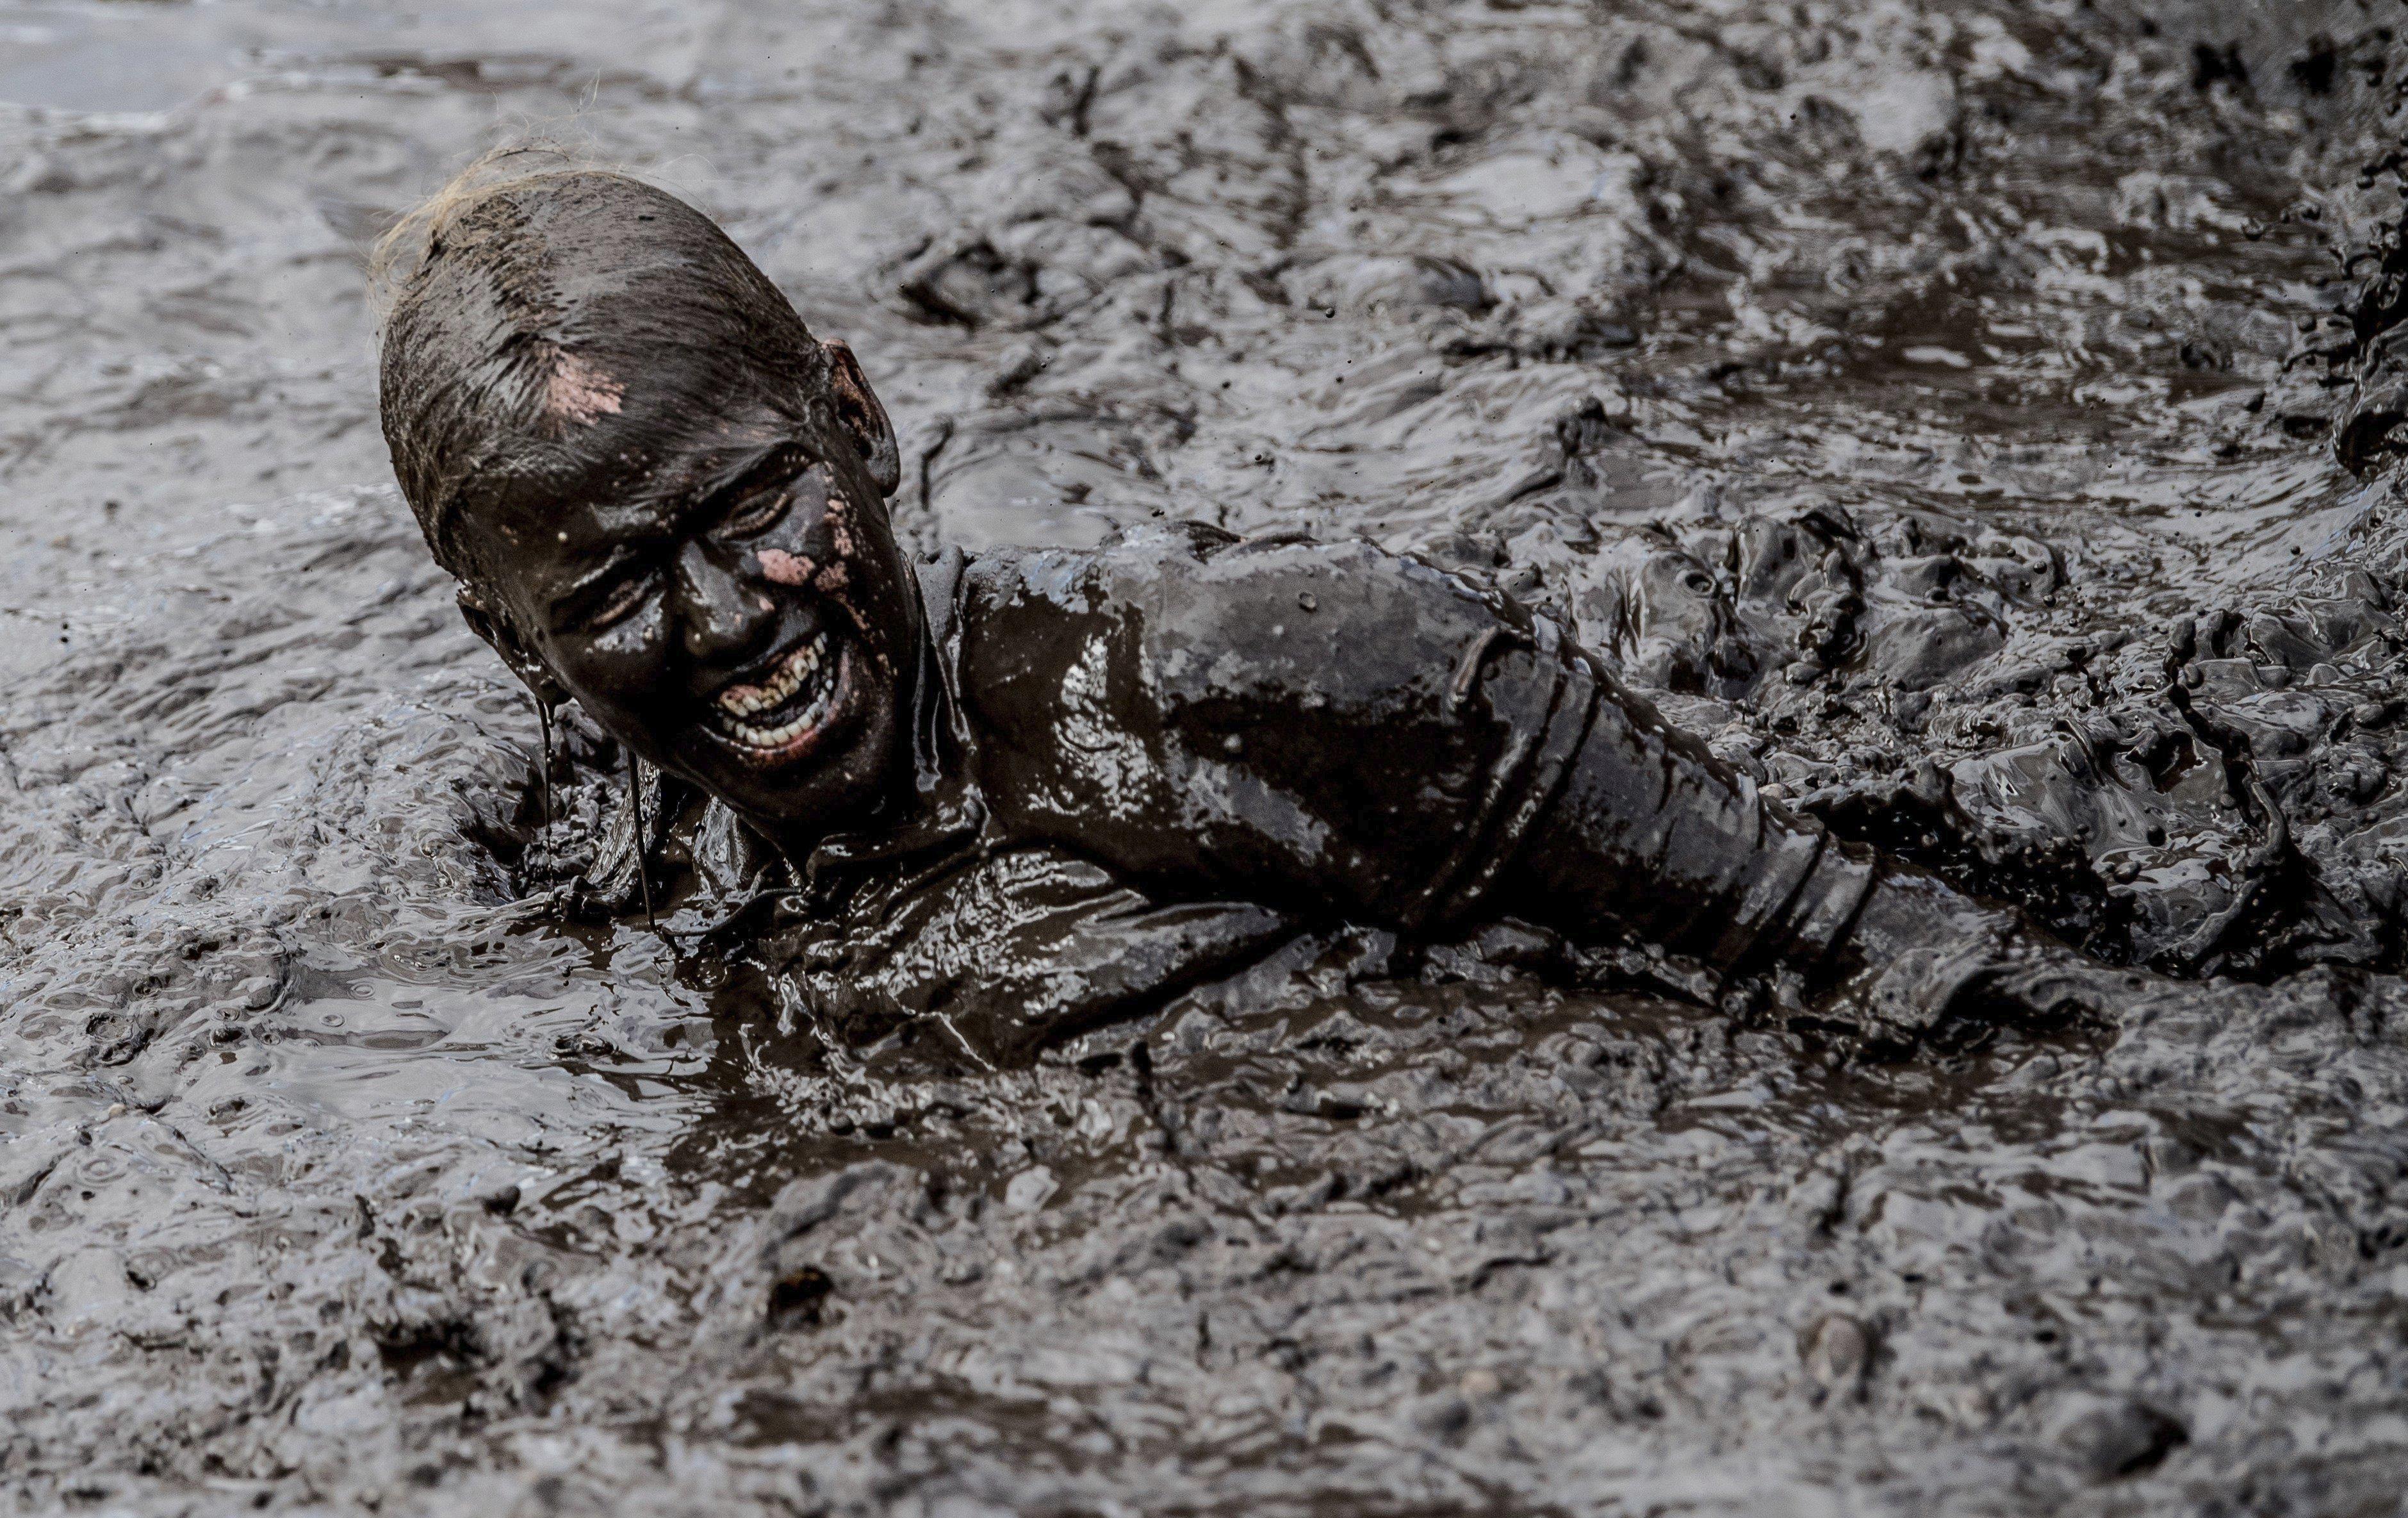 """Una jove durant la competició """"Tough Mudder"""" a Schipkau, Alemanya. /FILIP SINGER"""